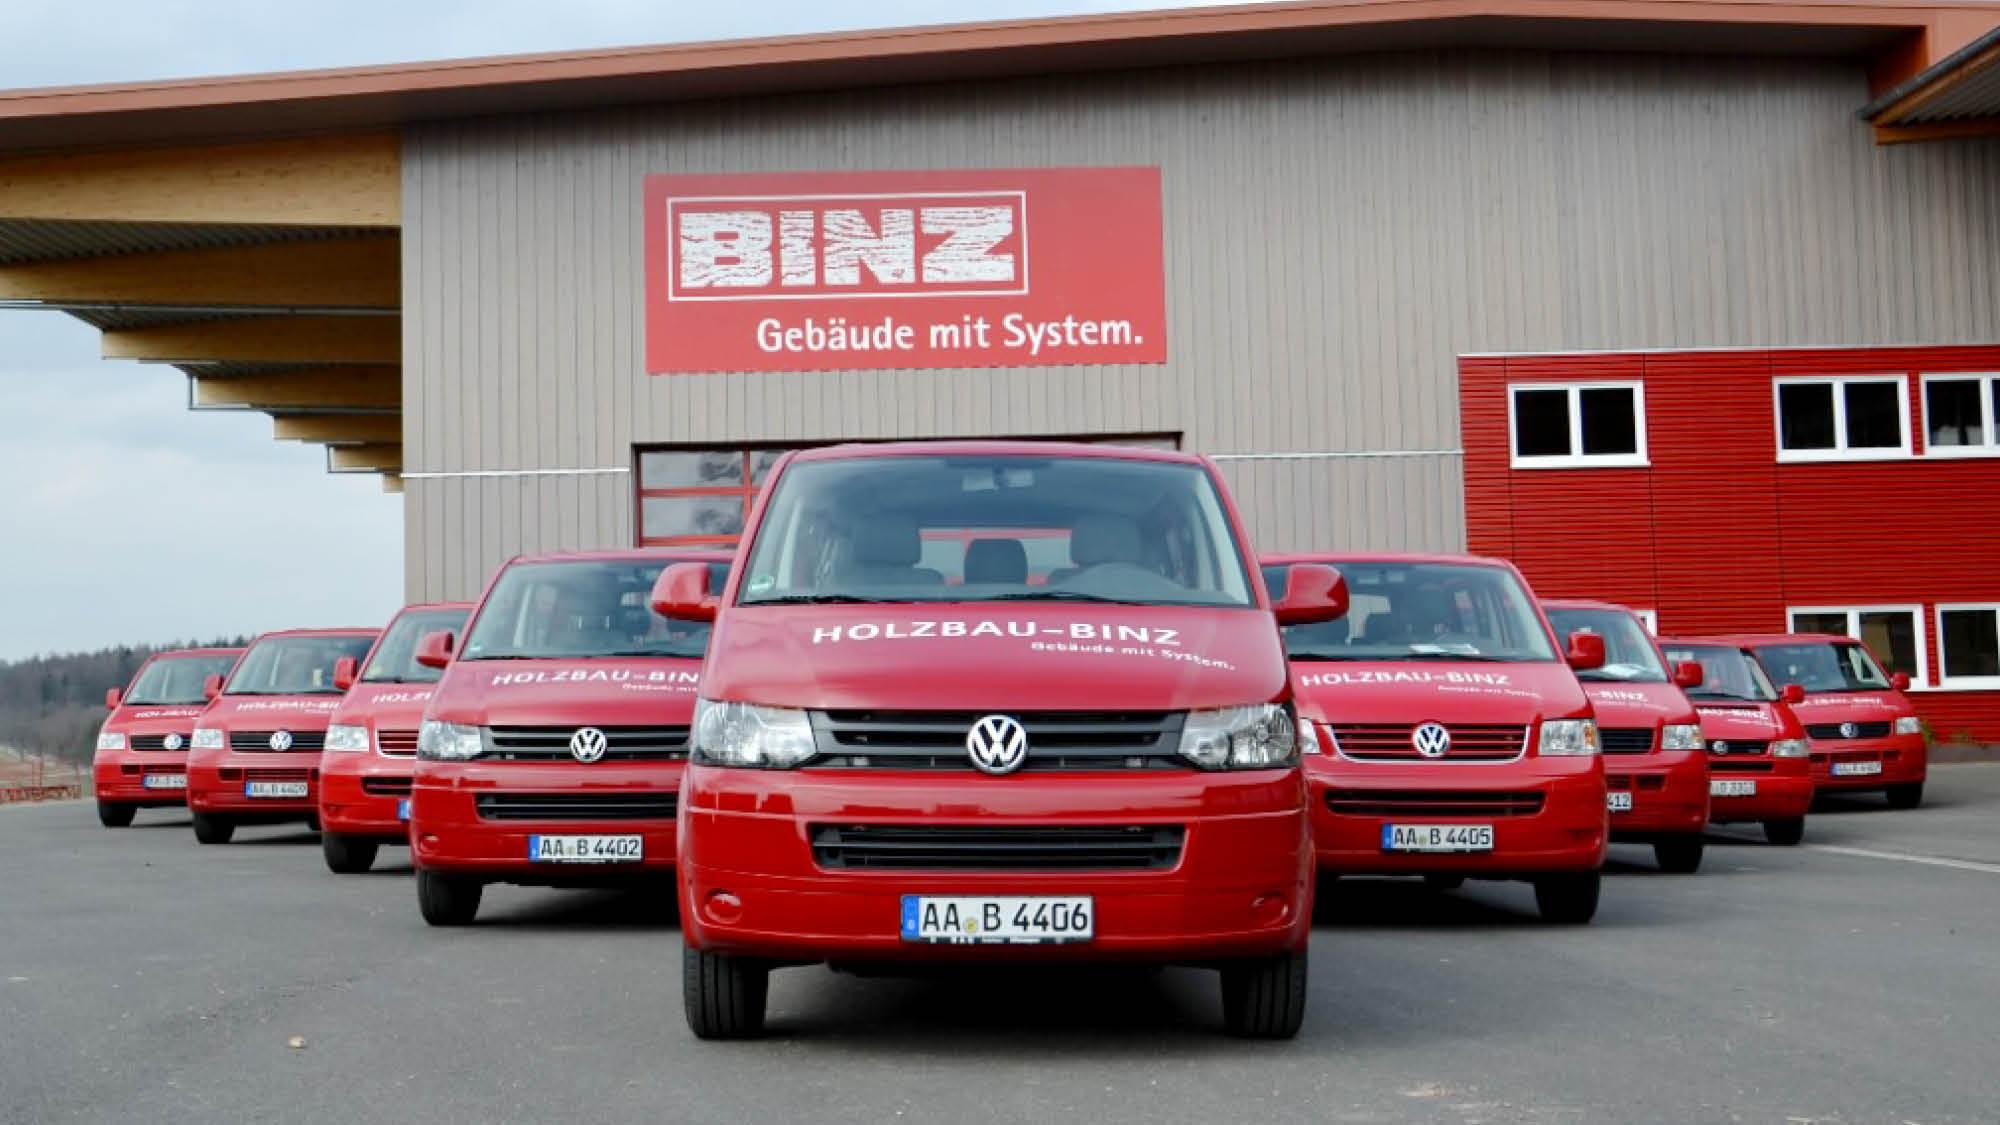 Binz Holzbau - Ellwangen -Transporter - Fahrzeugbeschriftung - 2019 - DSC03614